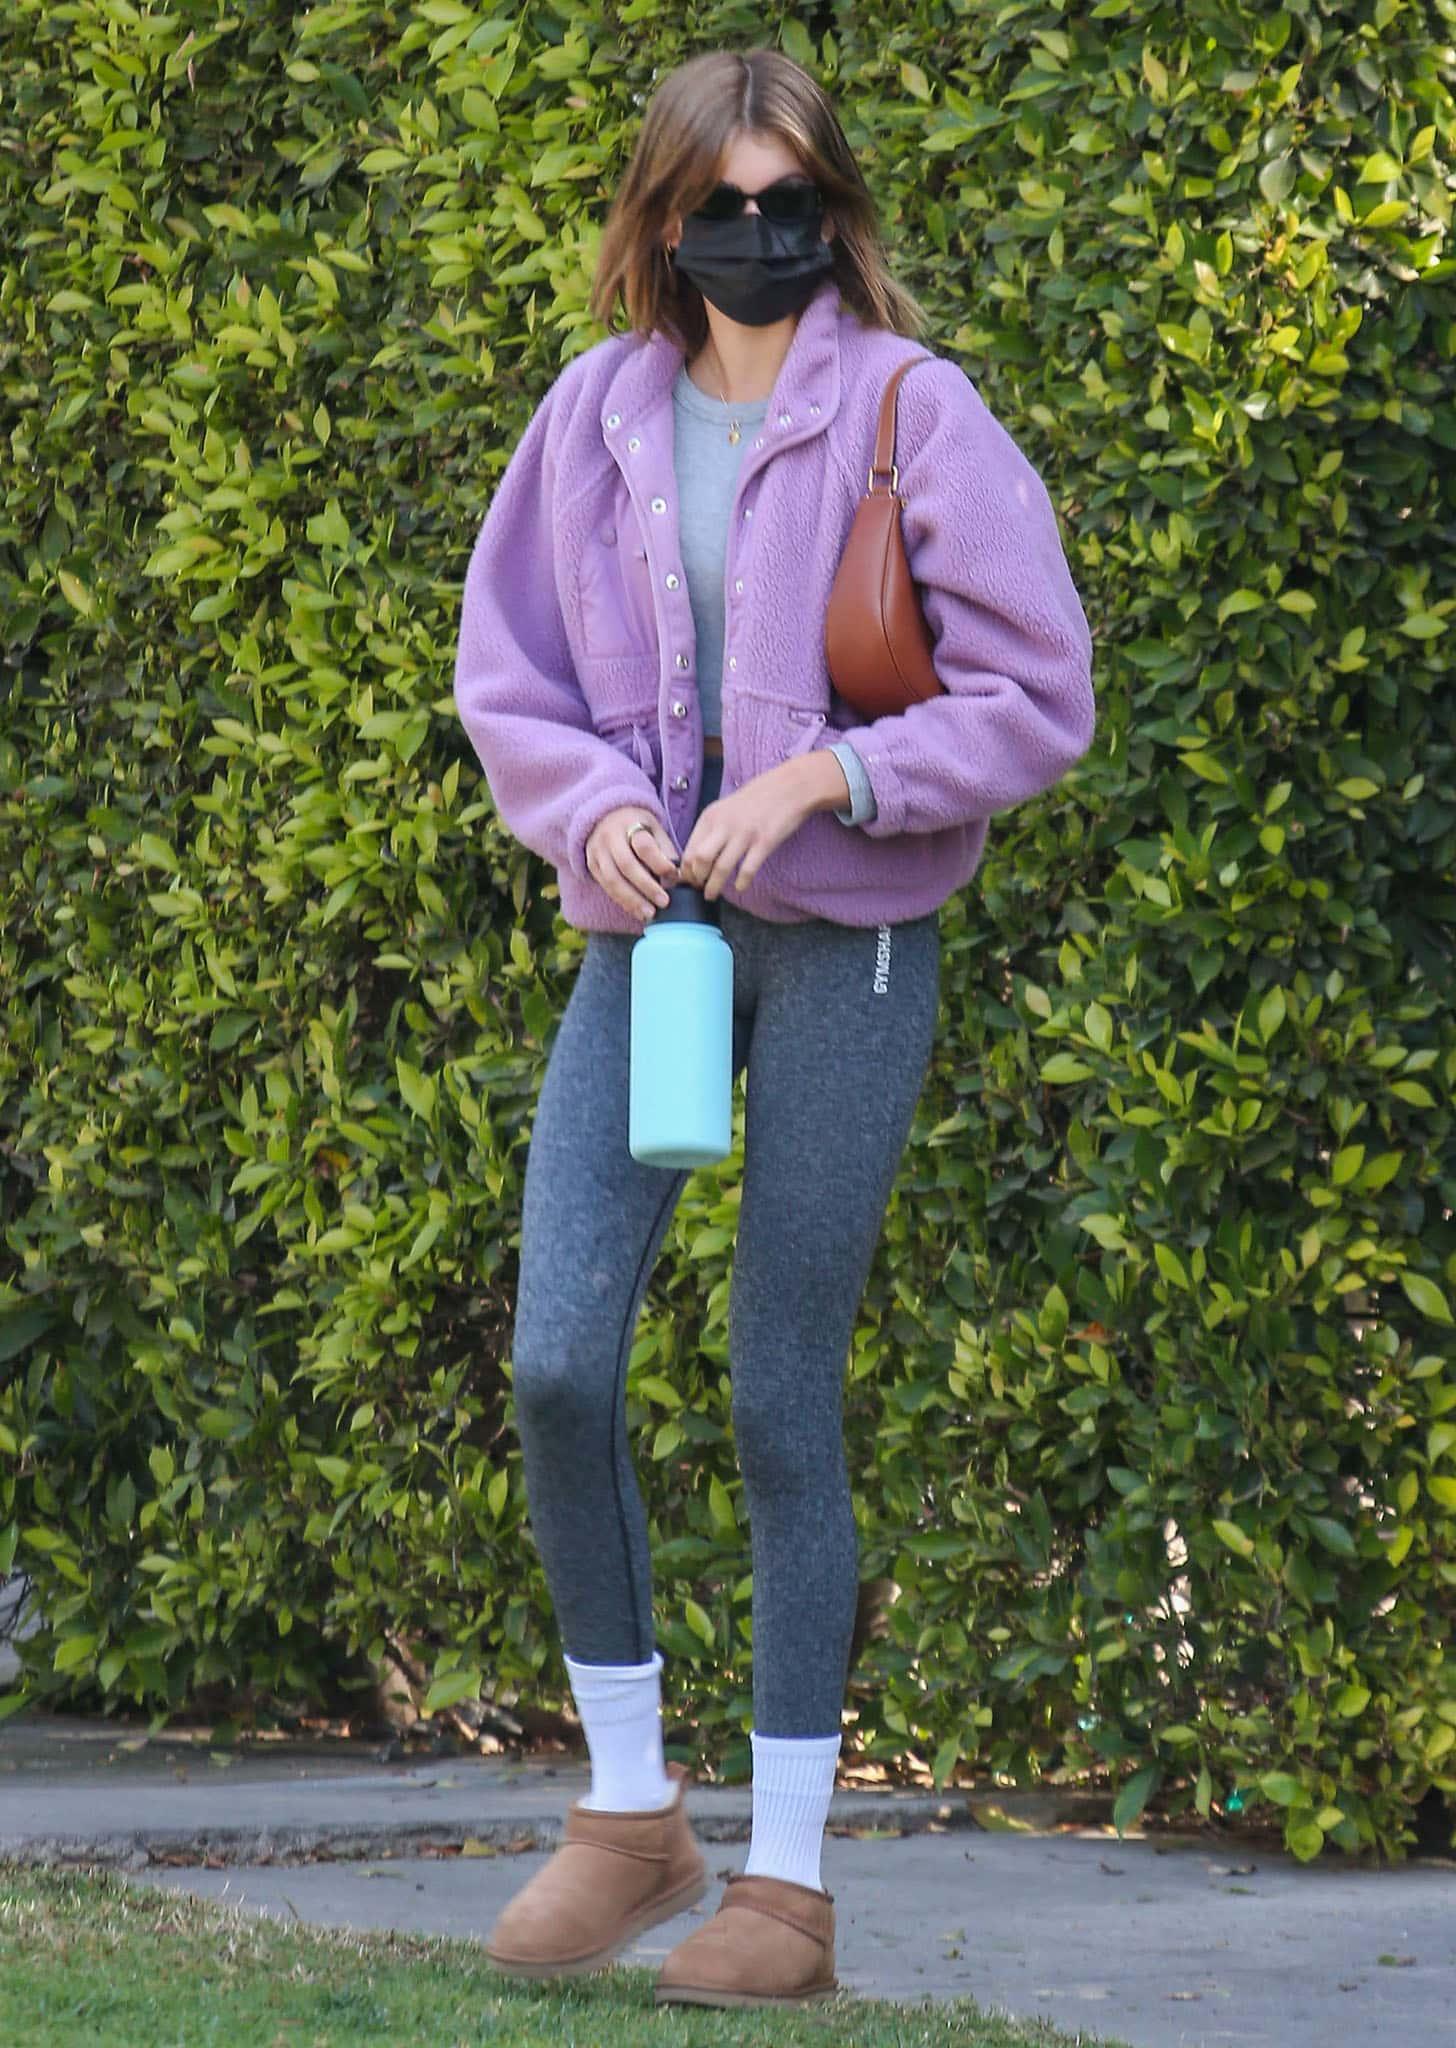 Kaia Gerber flaunts her long slender legs in Gymshark leggings and Free People pink fleece jacket